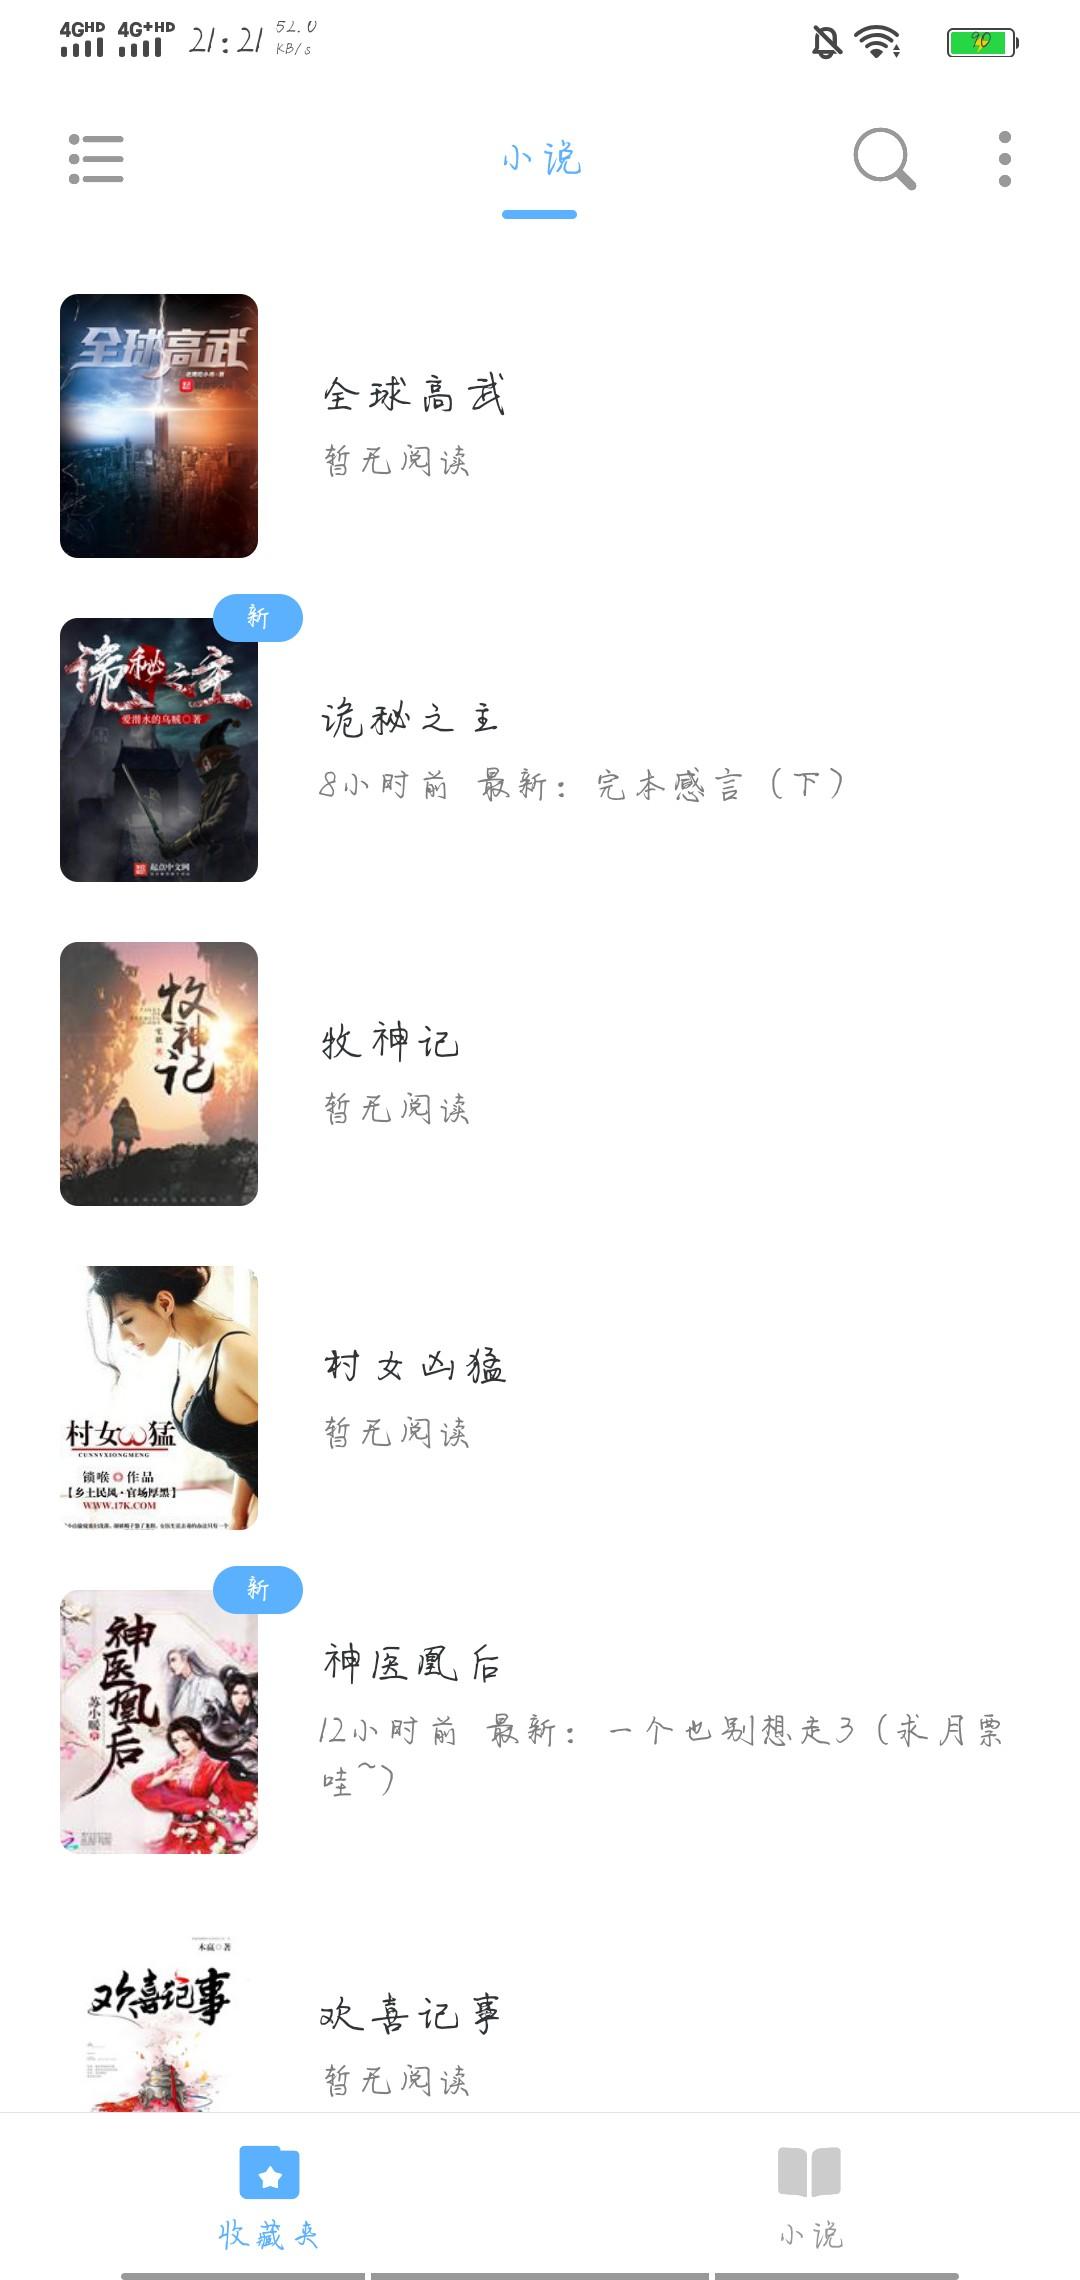 【分享】小说阅读大全v1.0.26